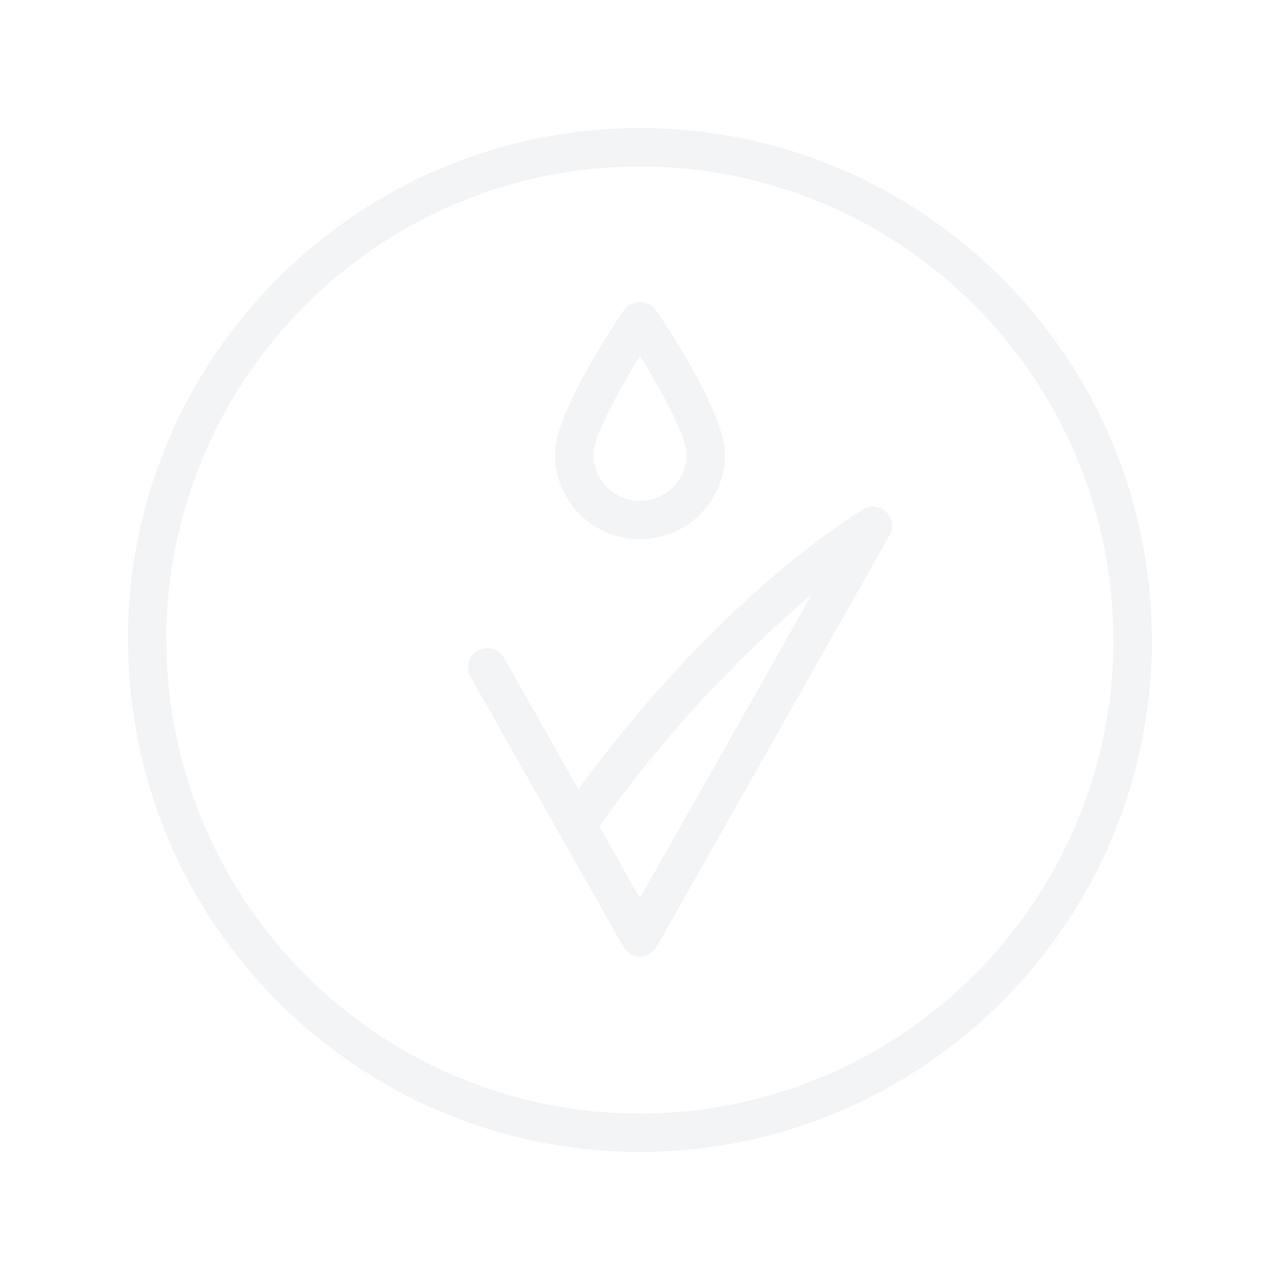 Maybelline Color Sensational Matte Lipstick 3.9g